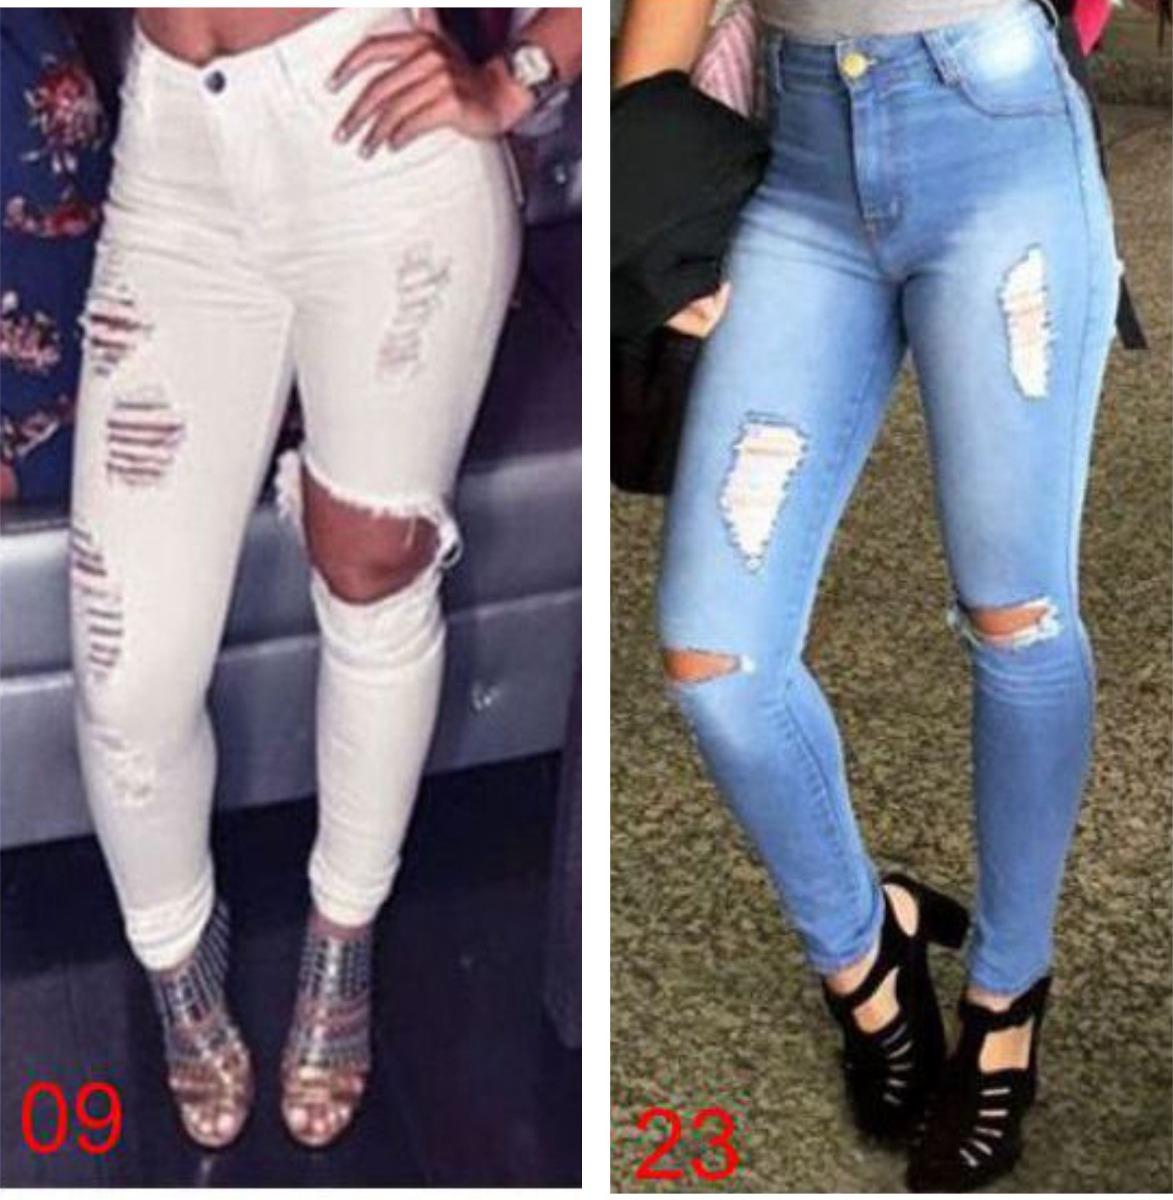 b659df4a0 kit 2 calças jeans cintura alta roupa feminina rasgos dins. Carregando zoom.